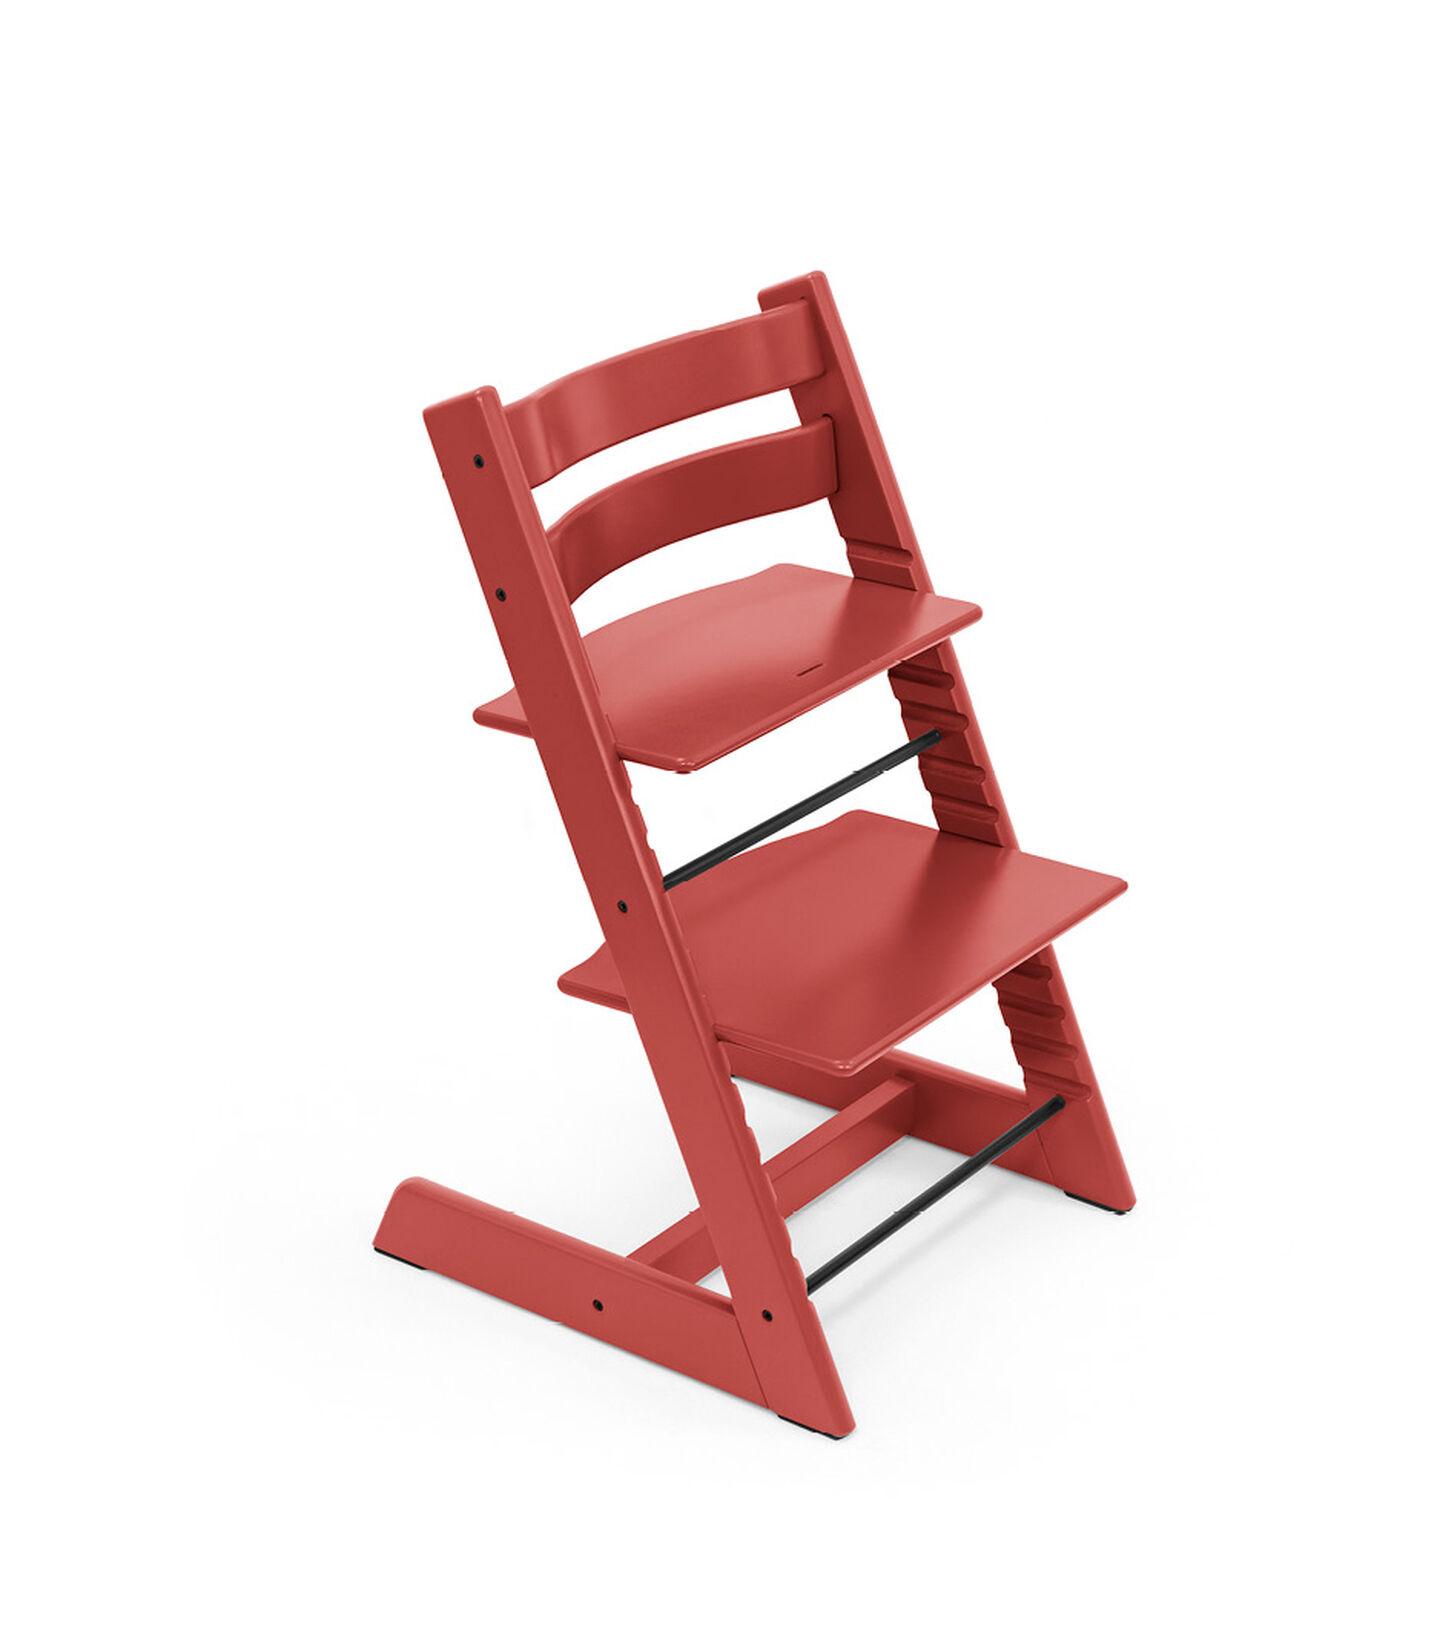 Krzesło Tripp Trapp® Ciepła czerwień, Ciepła czerwień, mainview view 2